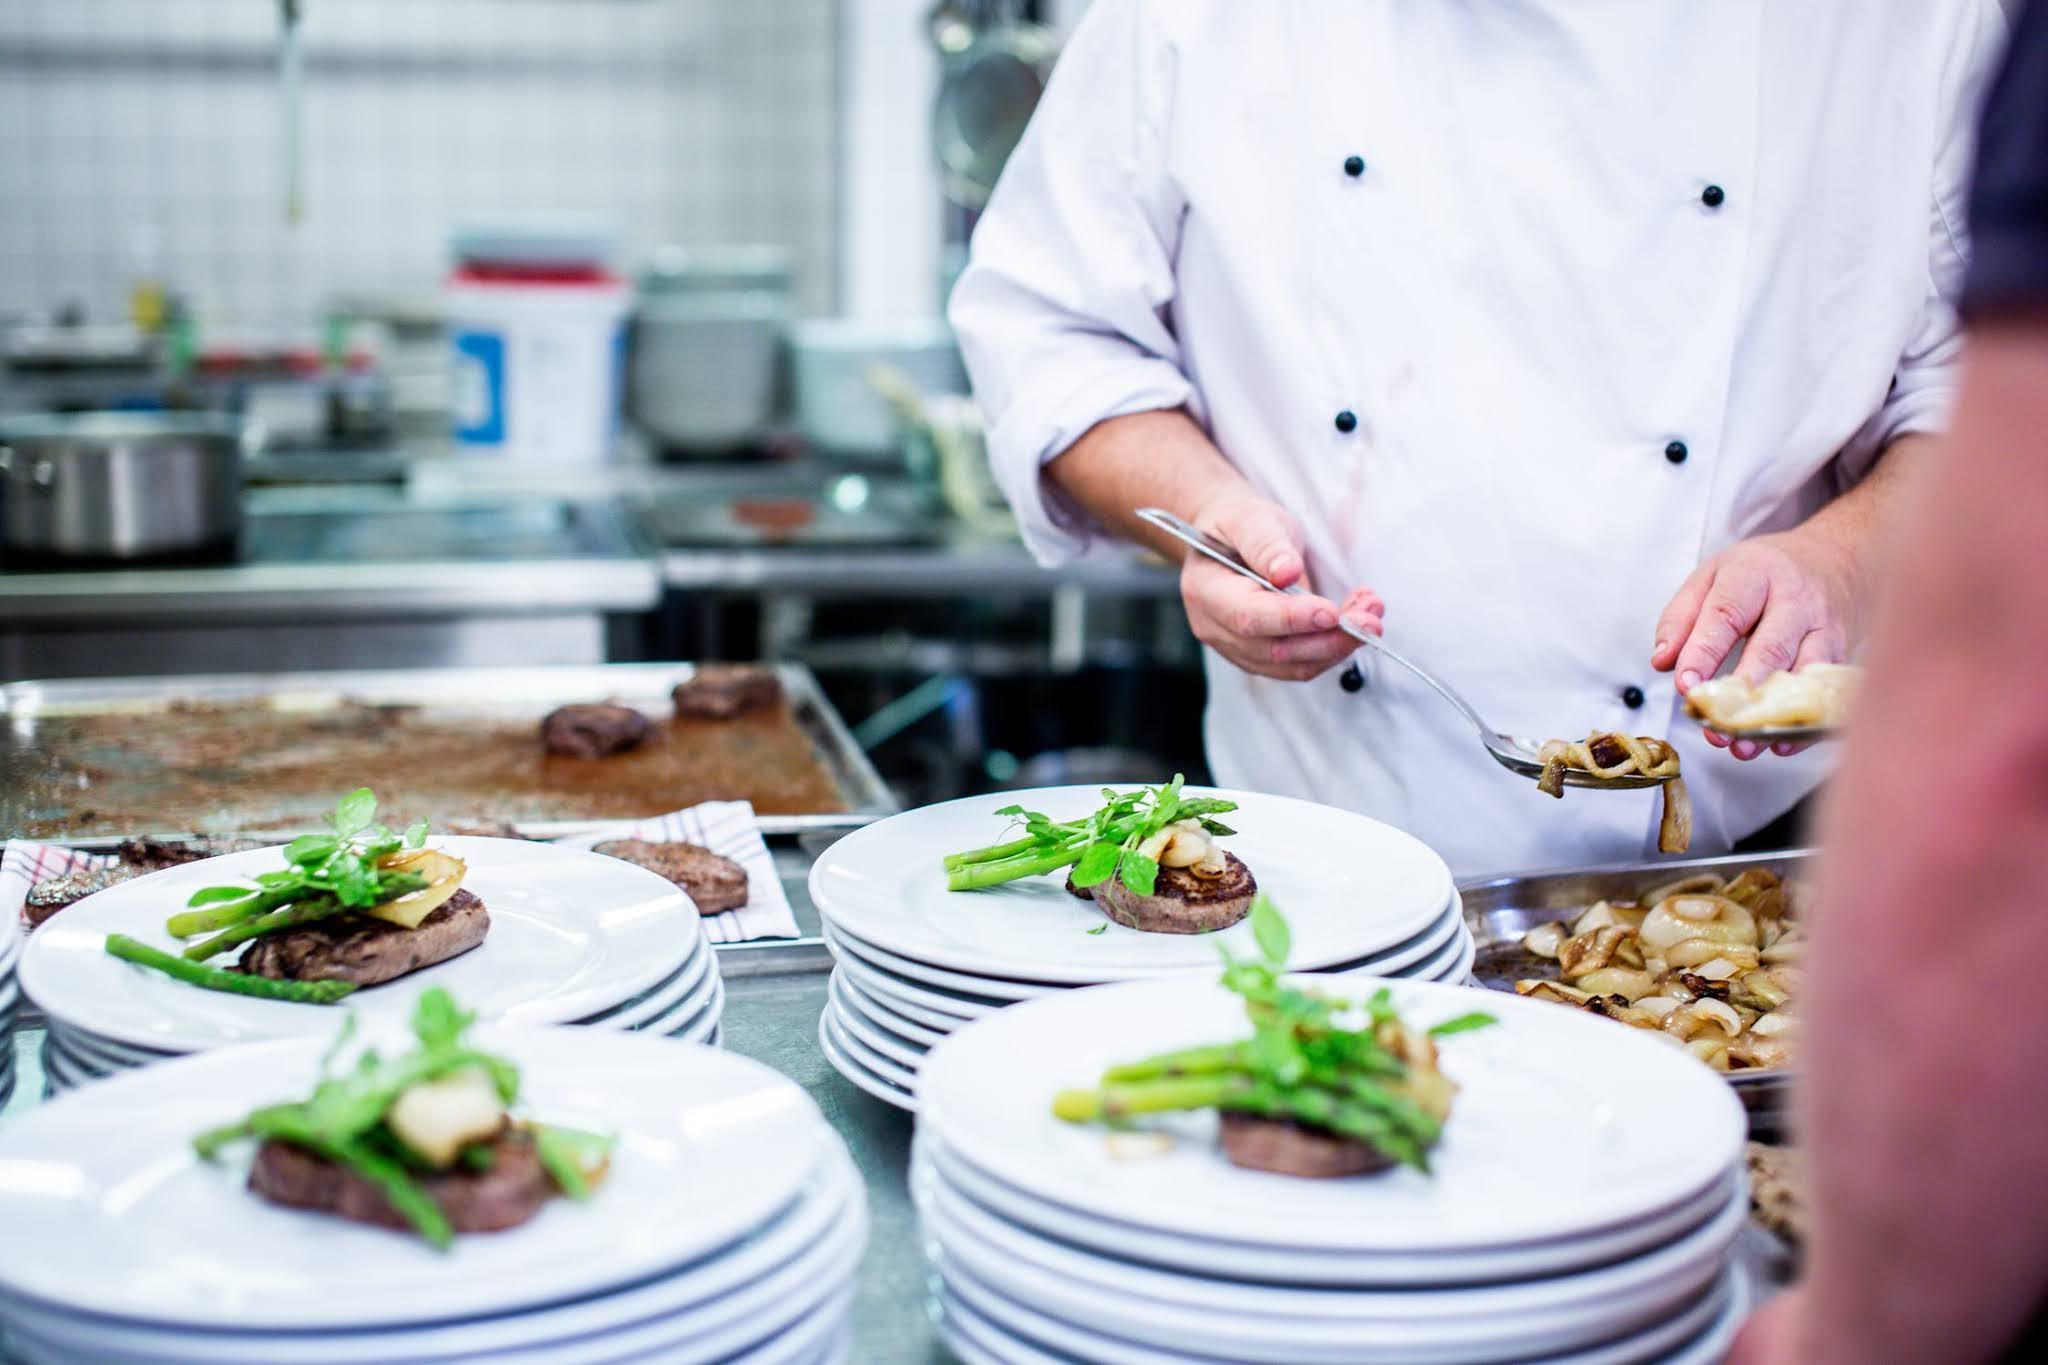 Profesjonalne sprzęty dla każdej gastronomii i kuchni